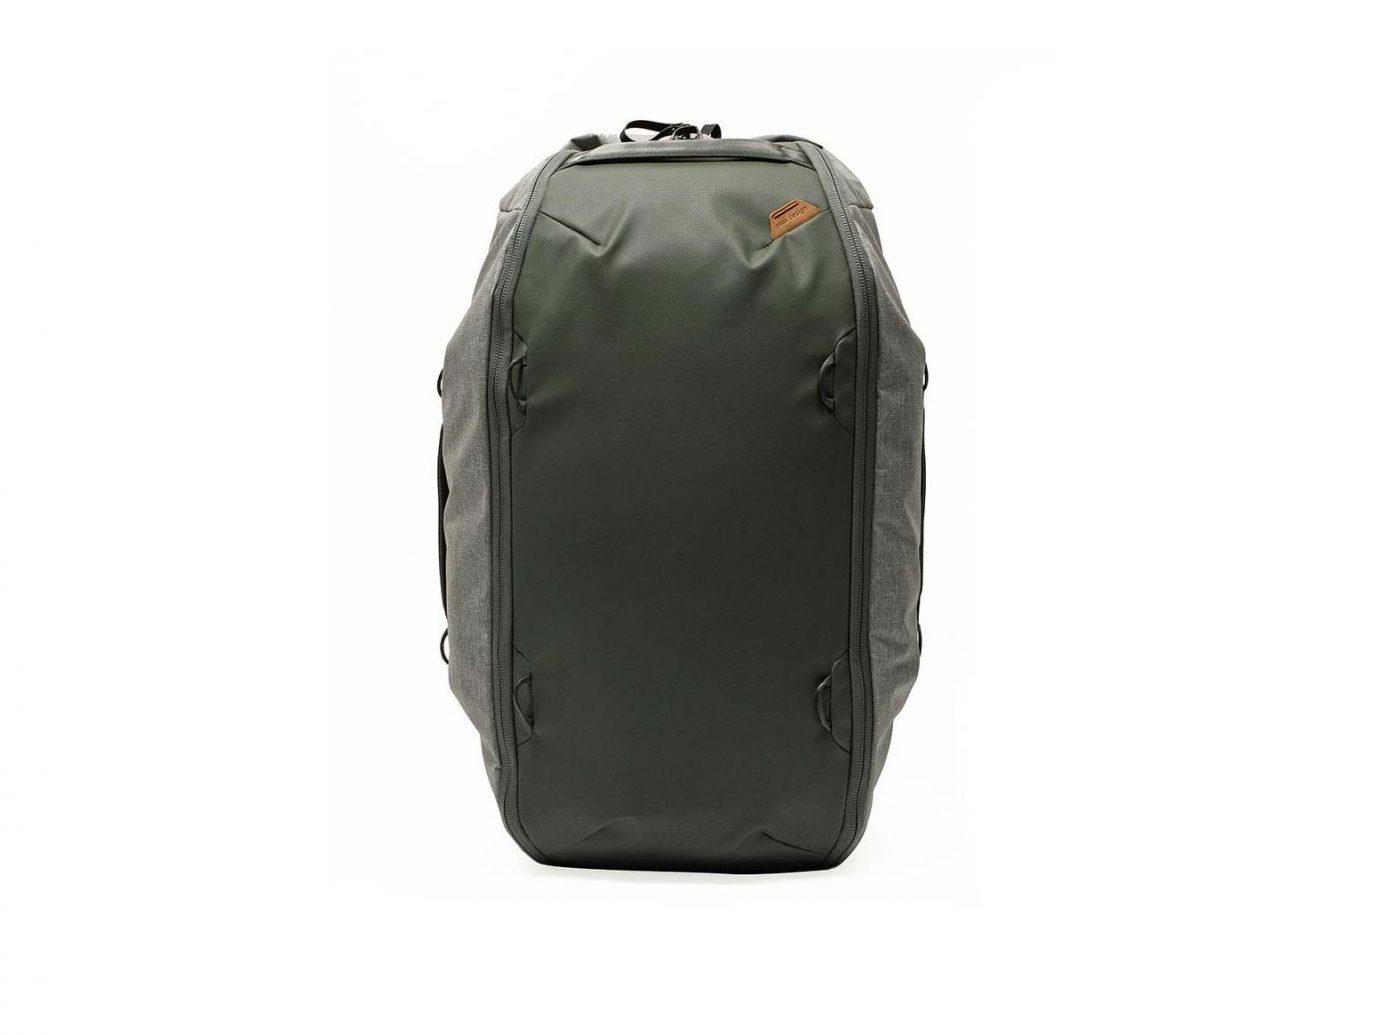 Peak Travel Duffel Pack